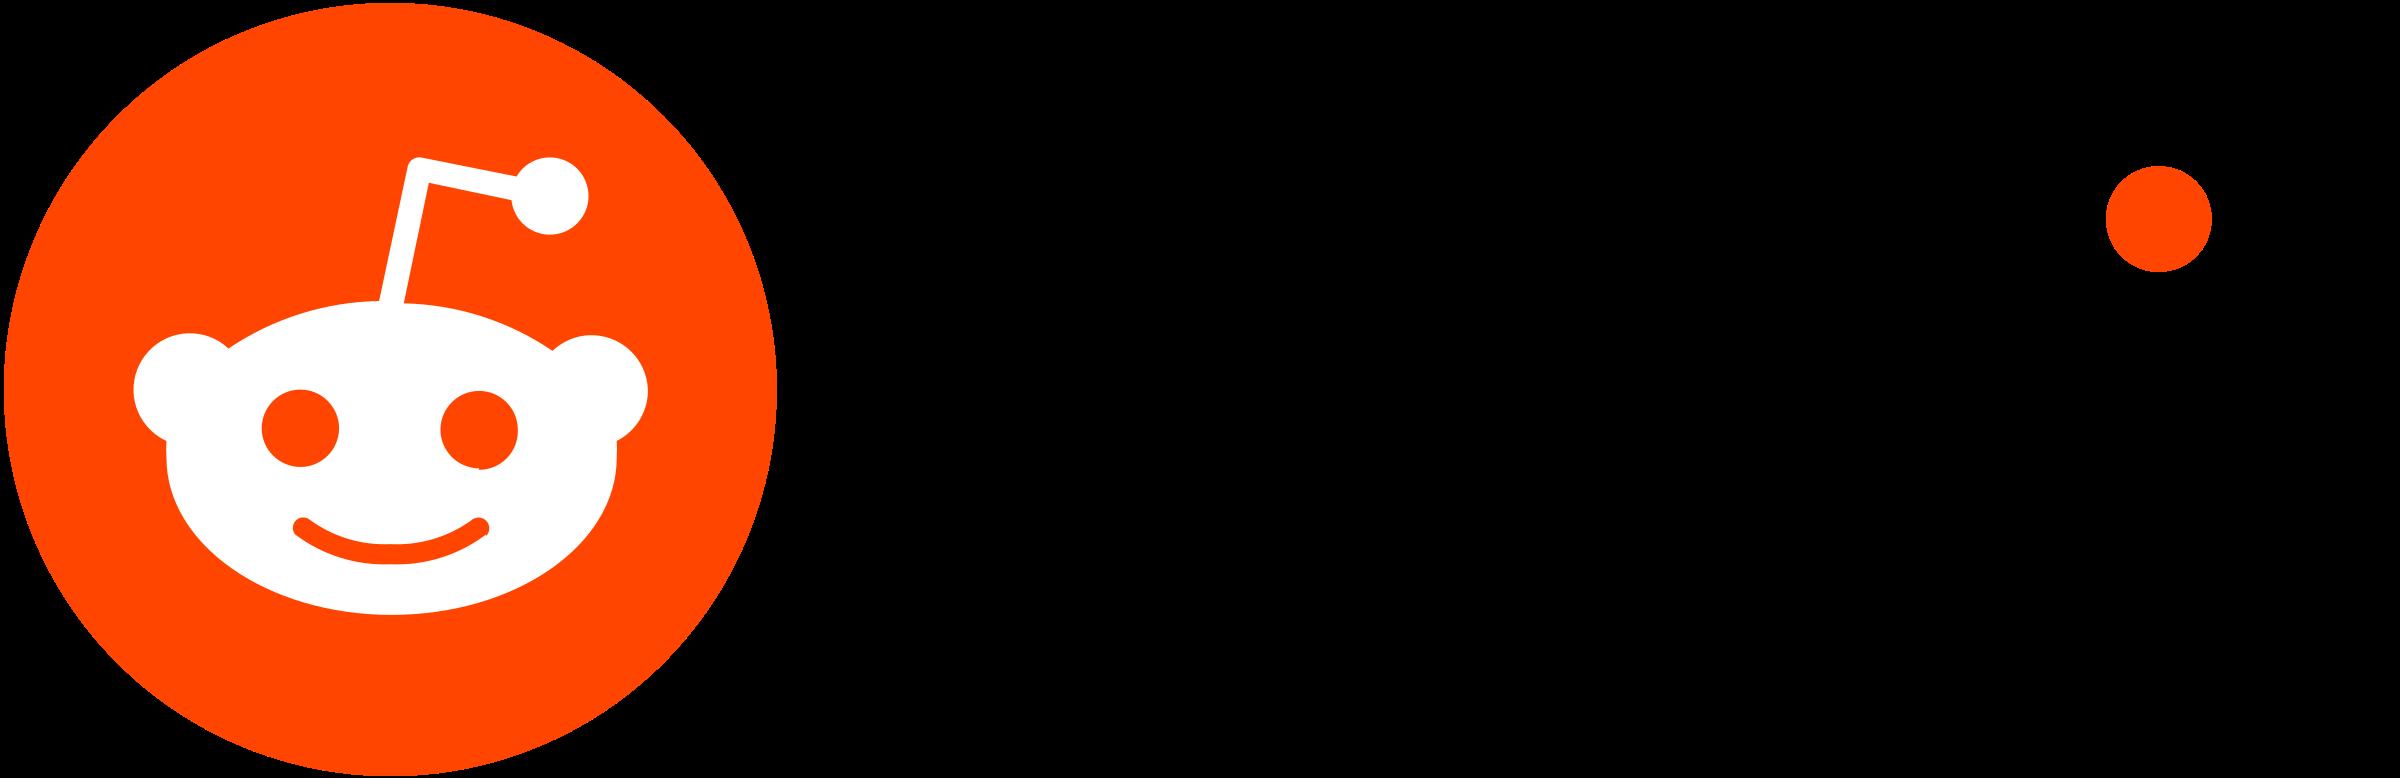 Image result for reddit logo